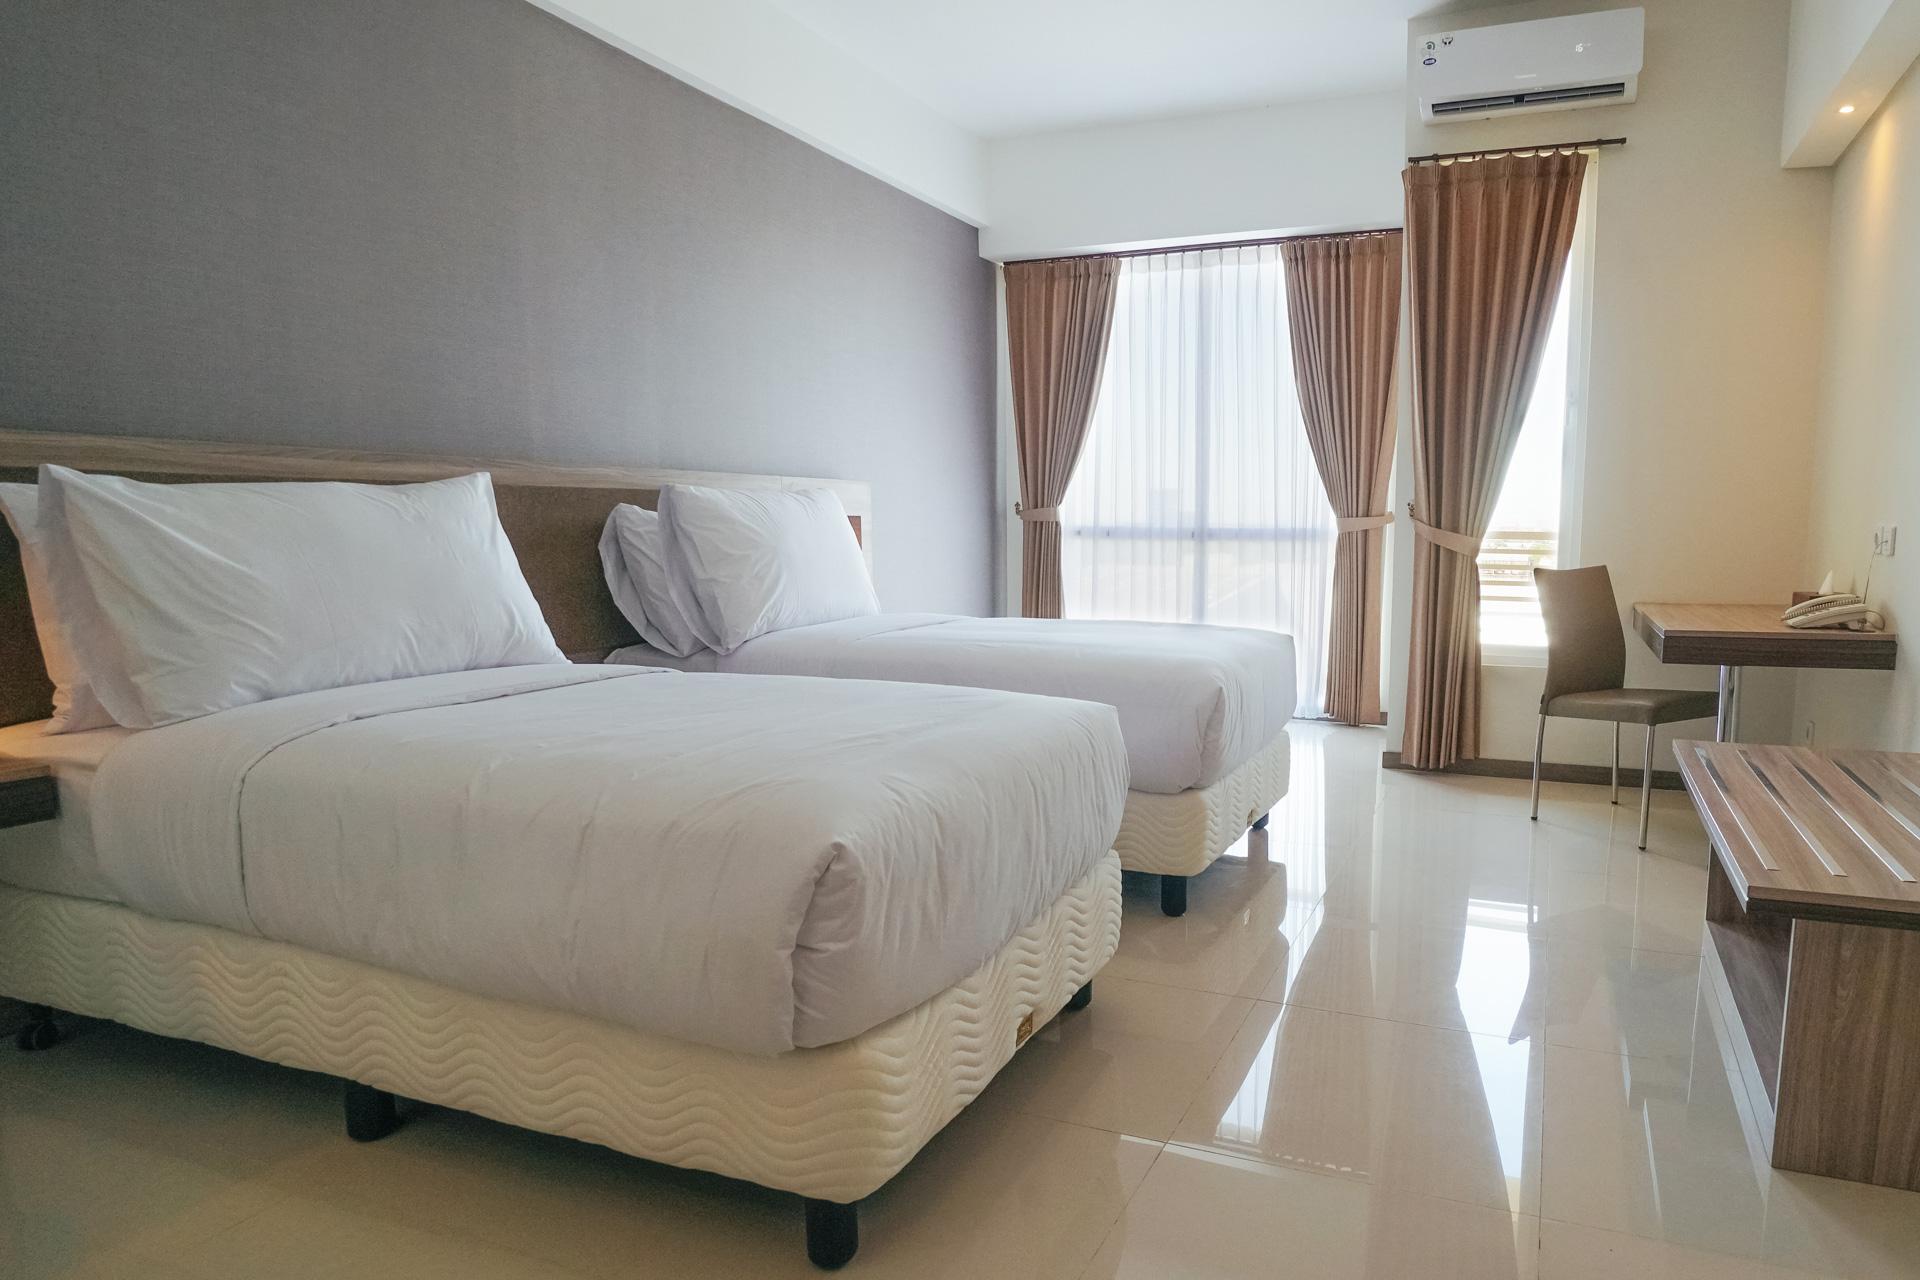 Continent My Tower Hotel Surabaya – Rungkut